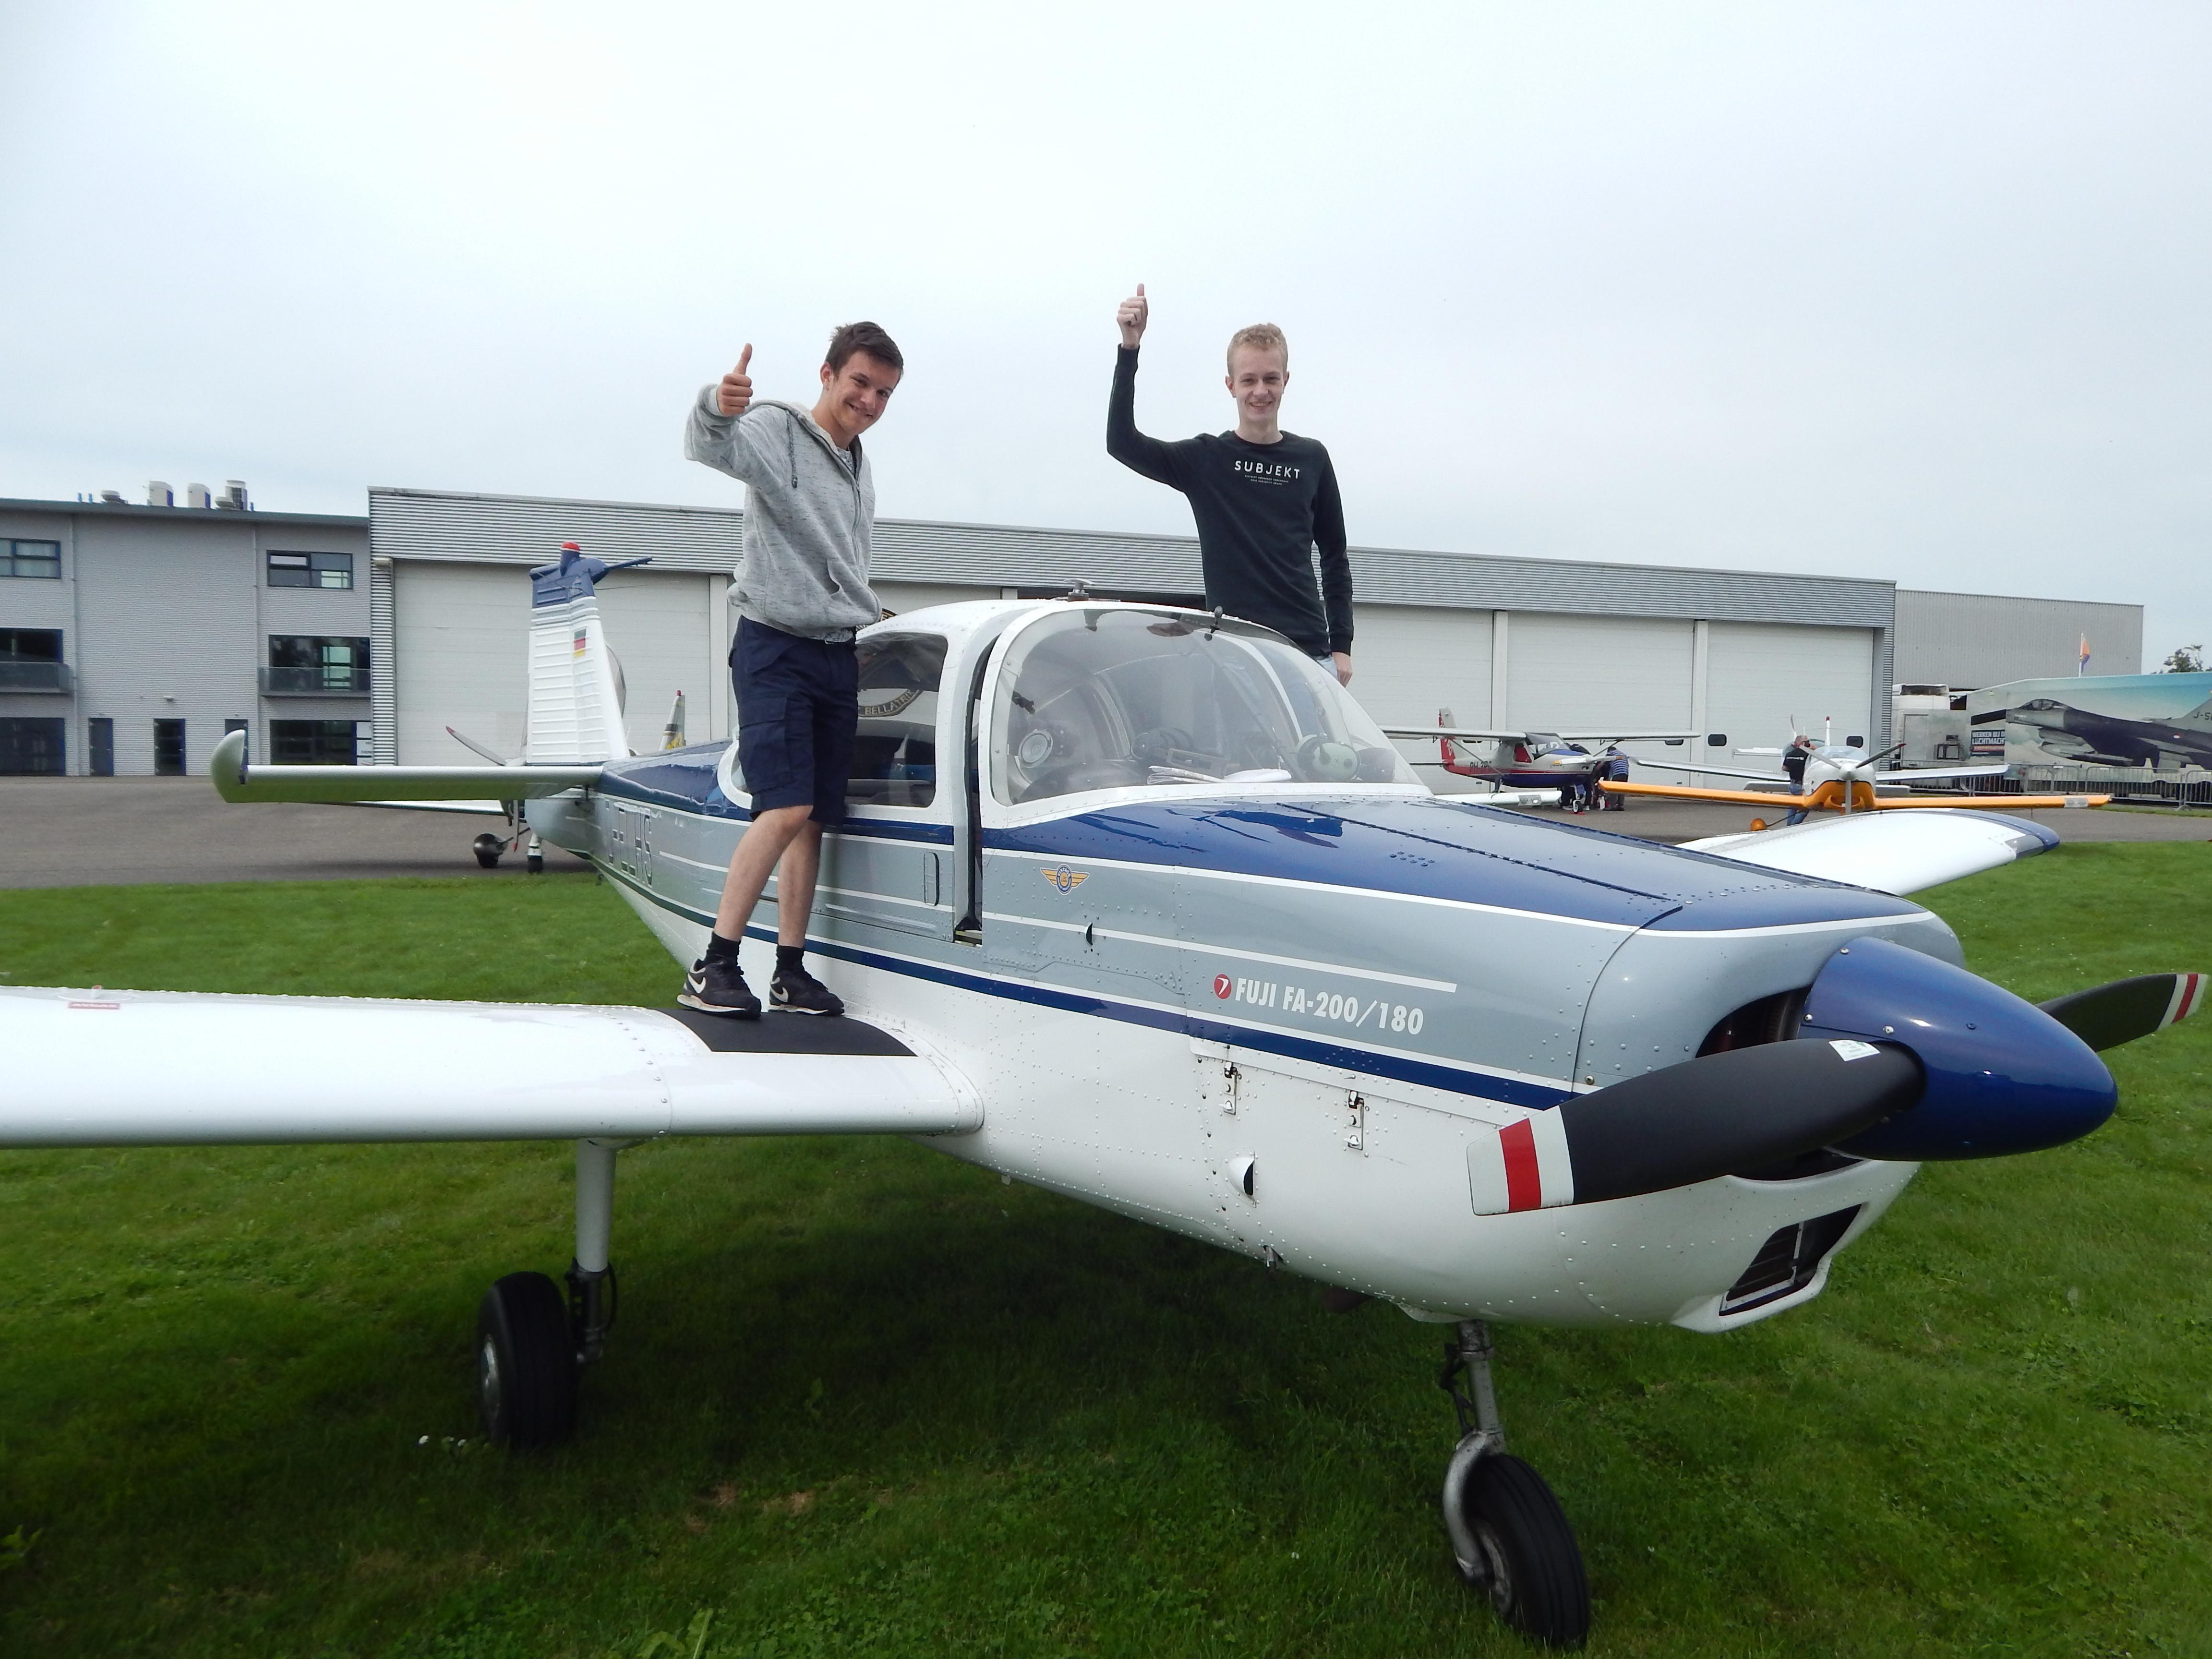 Vijf Jaar Vliegende Tieners Piloot Vliegtuig